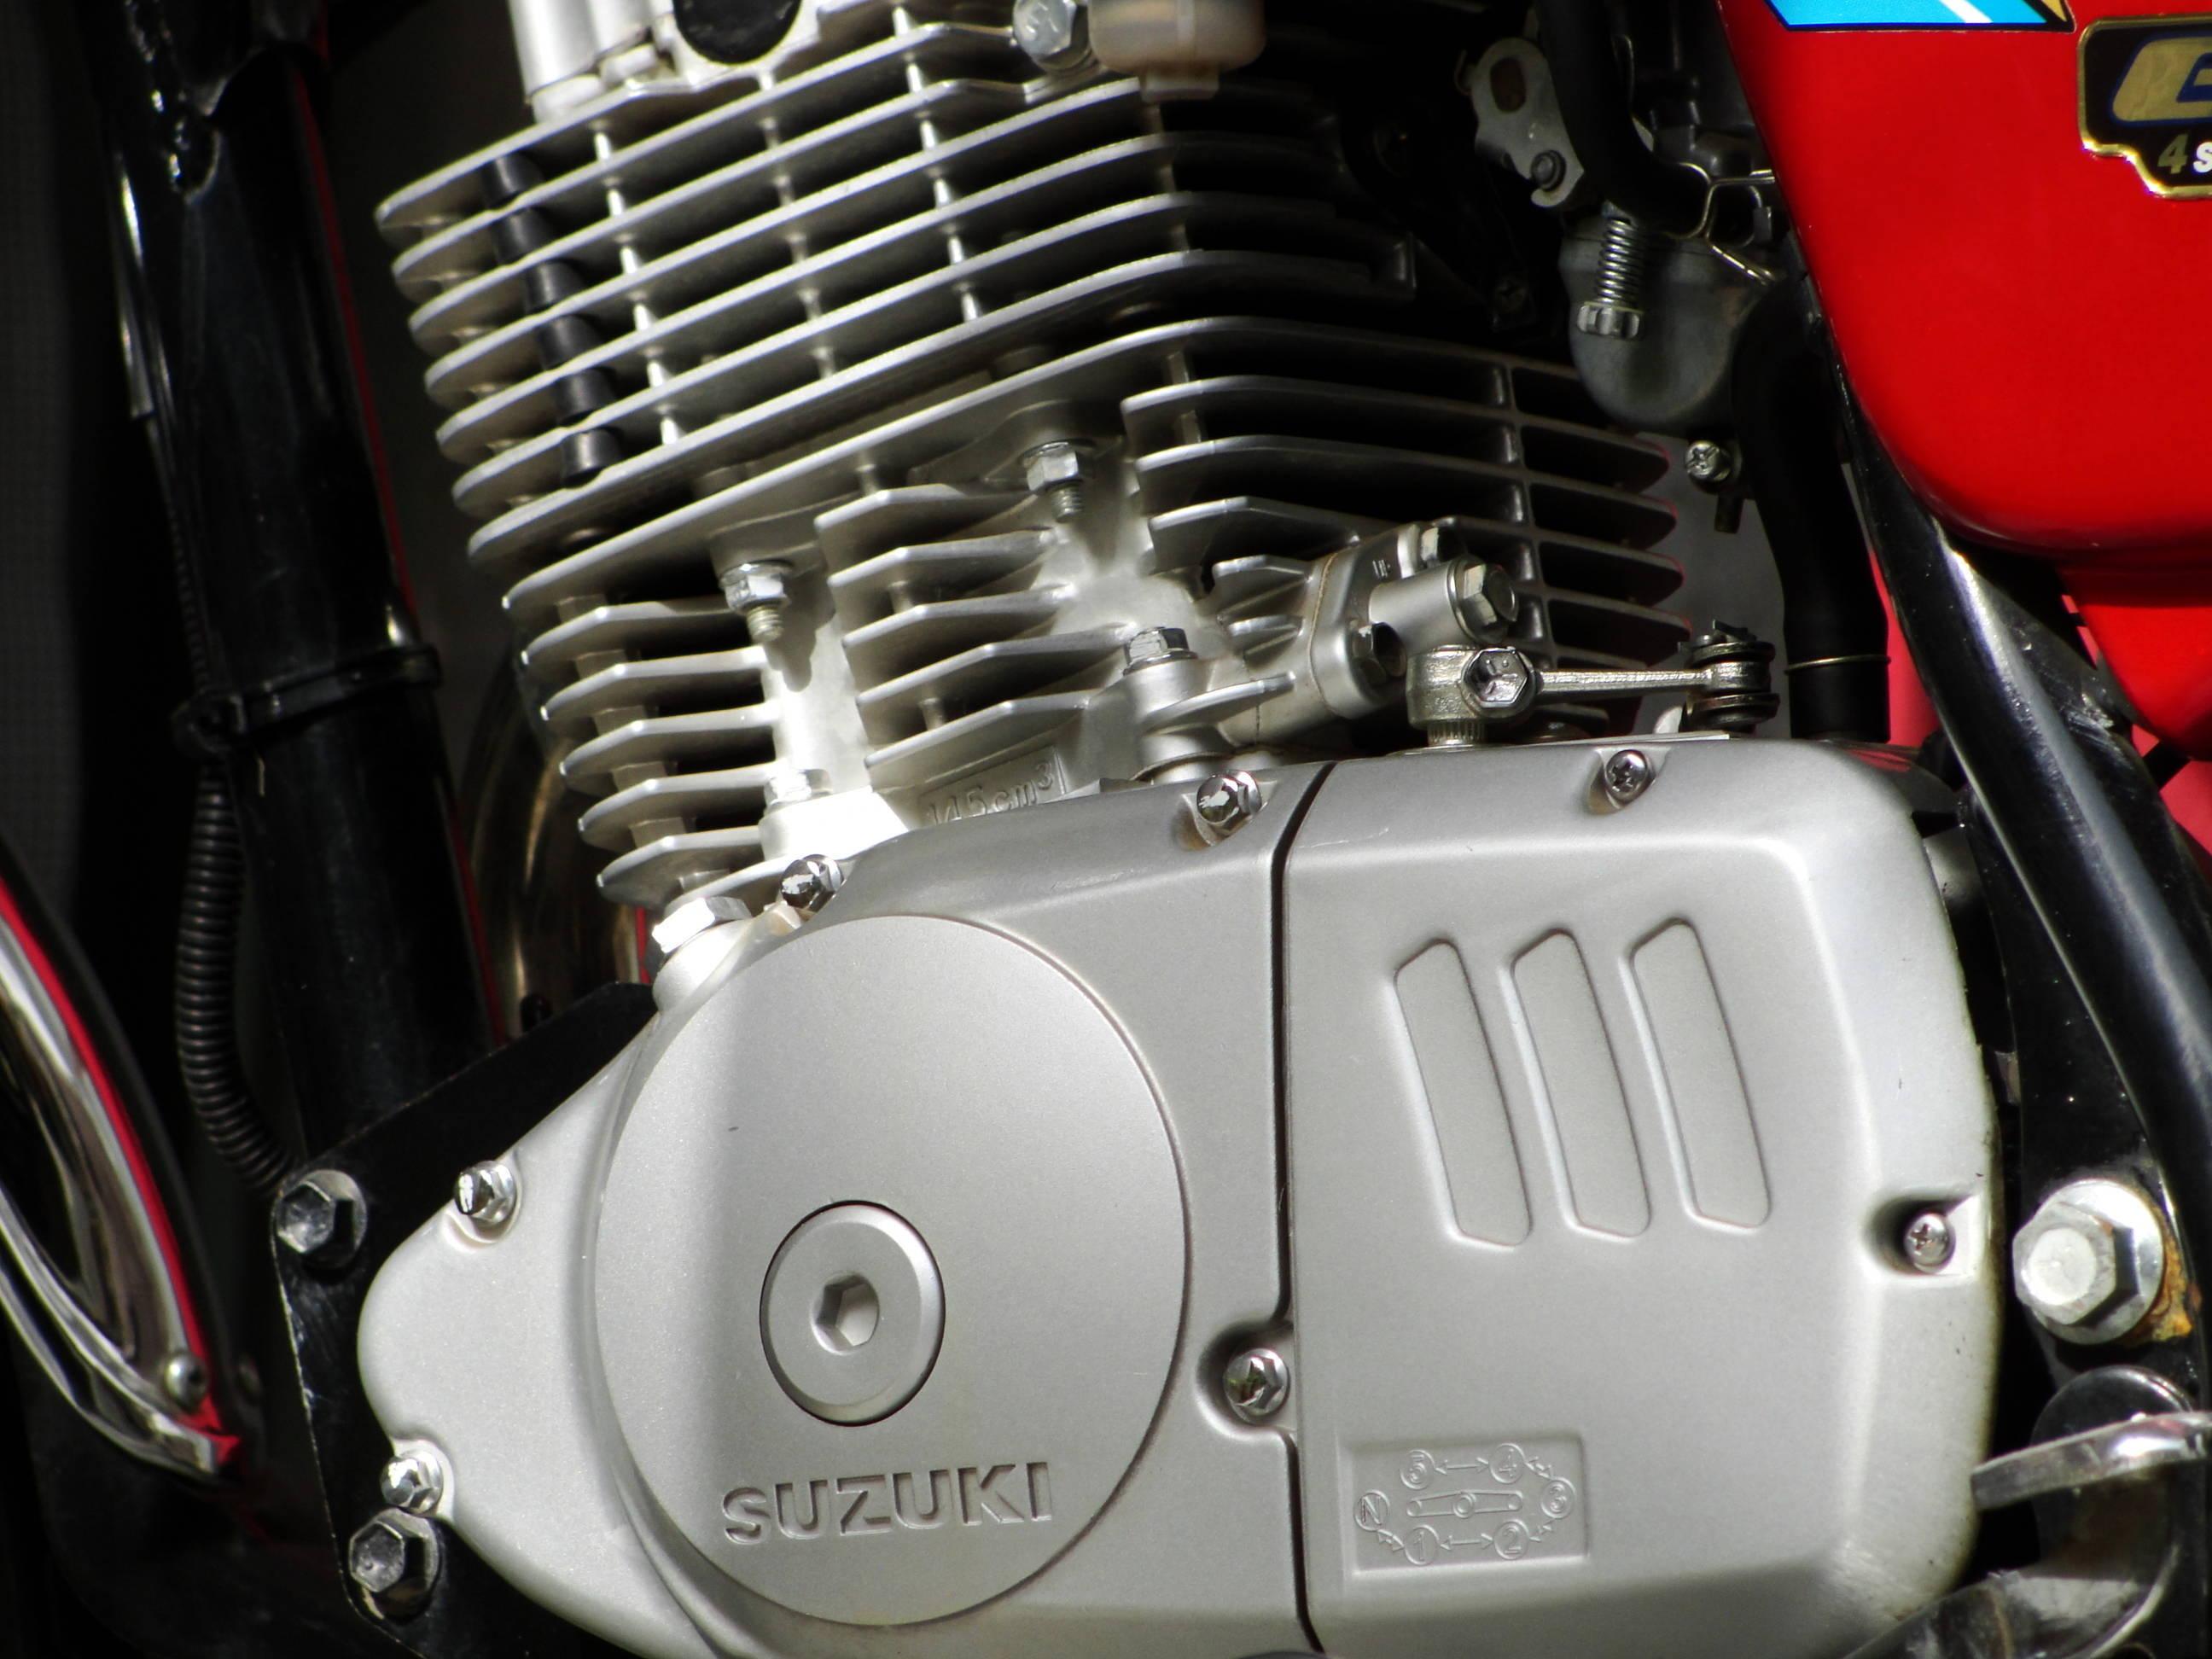 twister 150 wiring diagram suzuki gs150r price  mileage  review suzuki bikes  suzuki gs150r price  mileage  review suzuki bikes